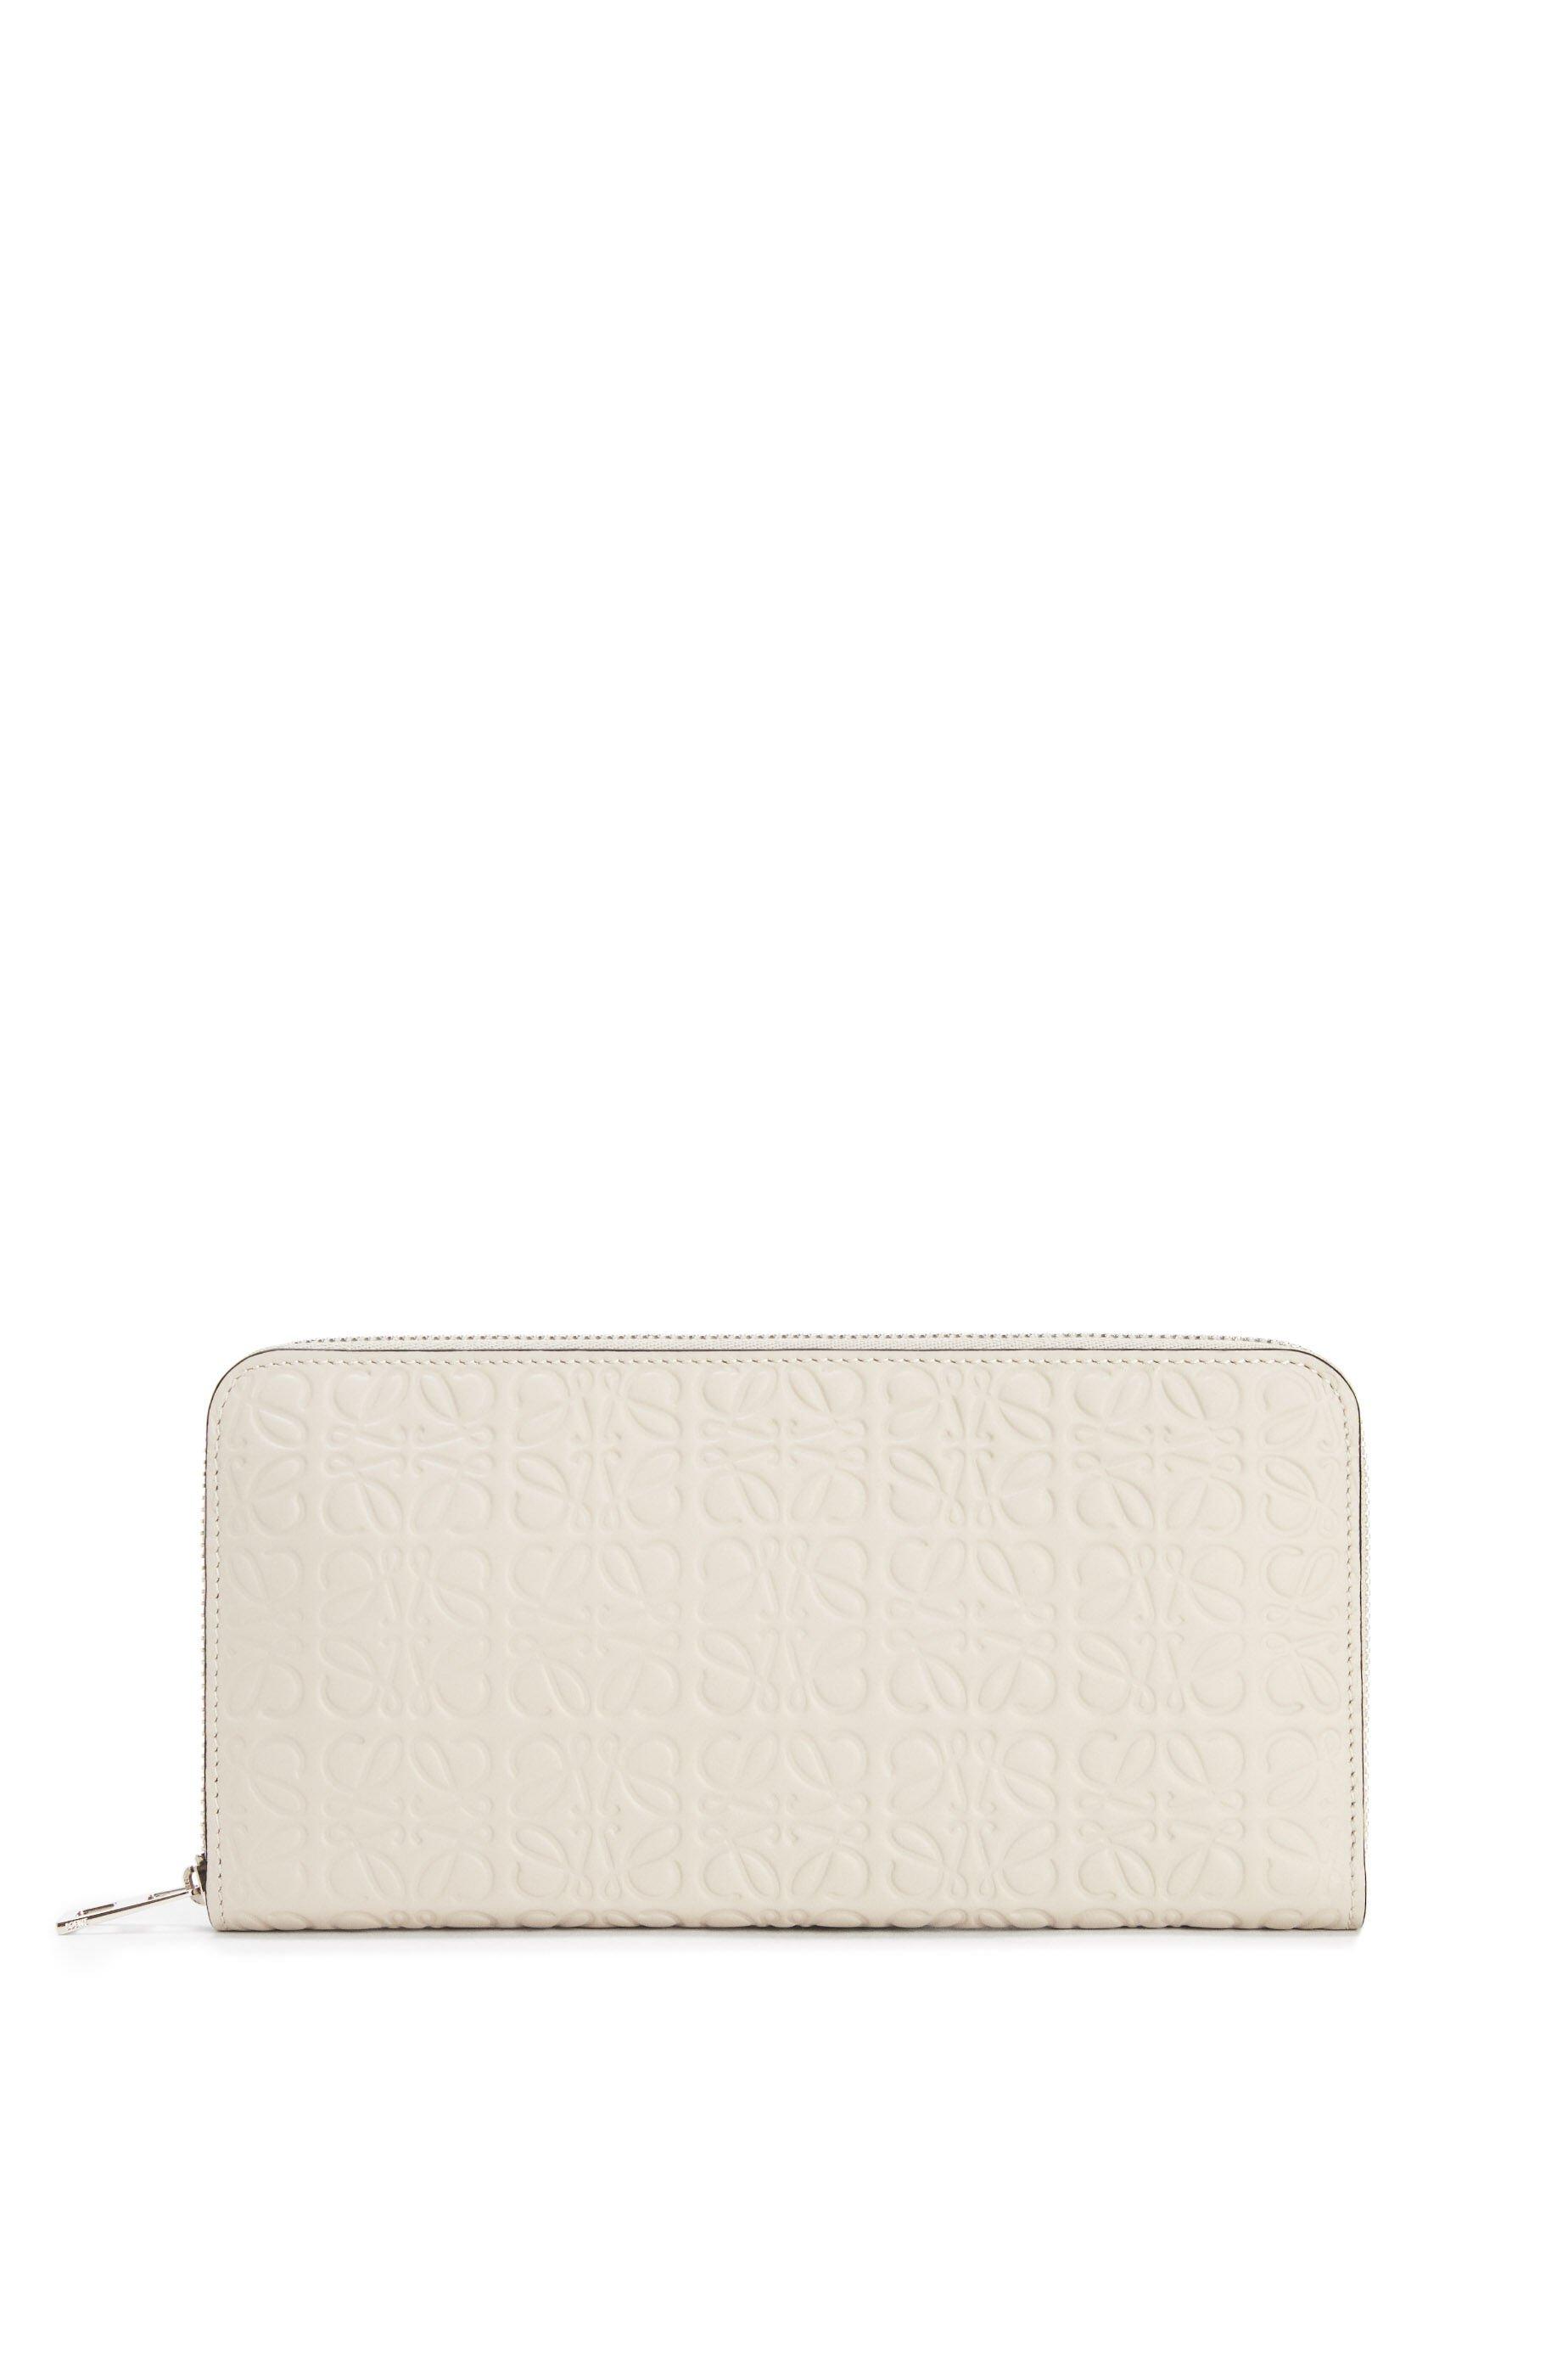 30代の女性におすすめロエベの財布